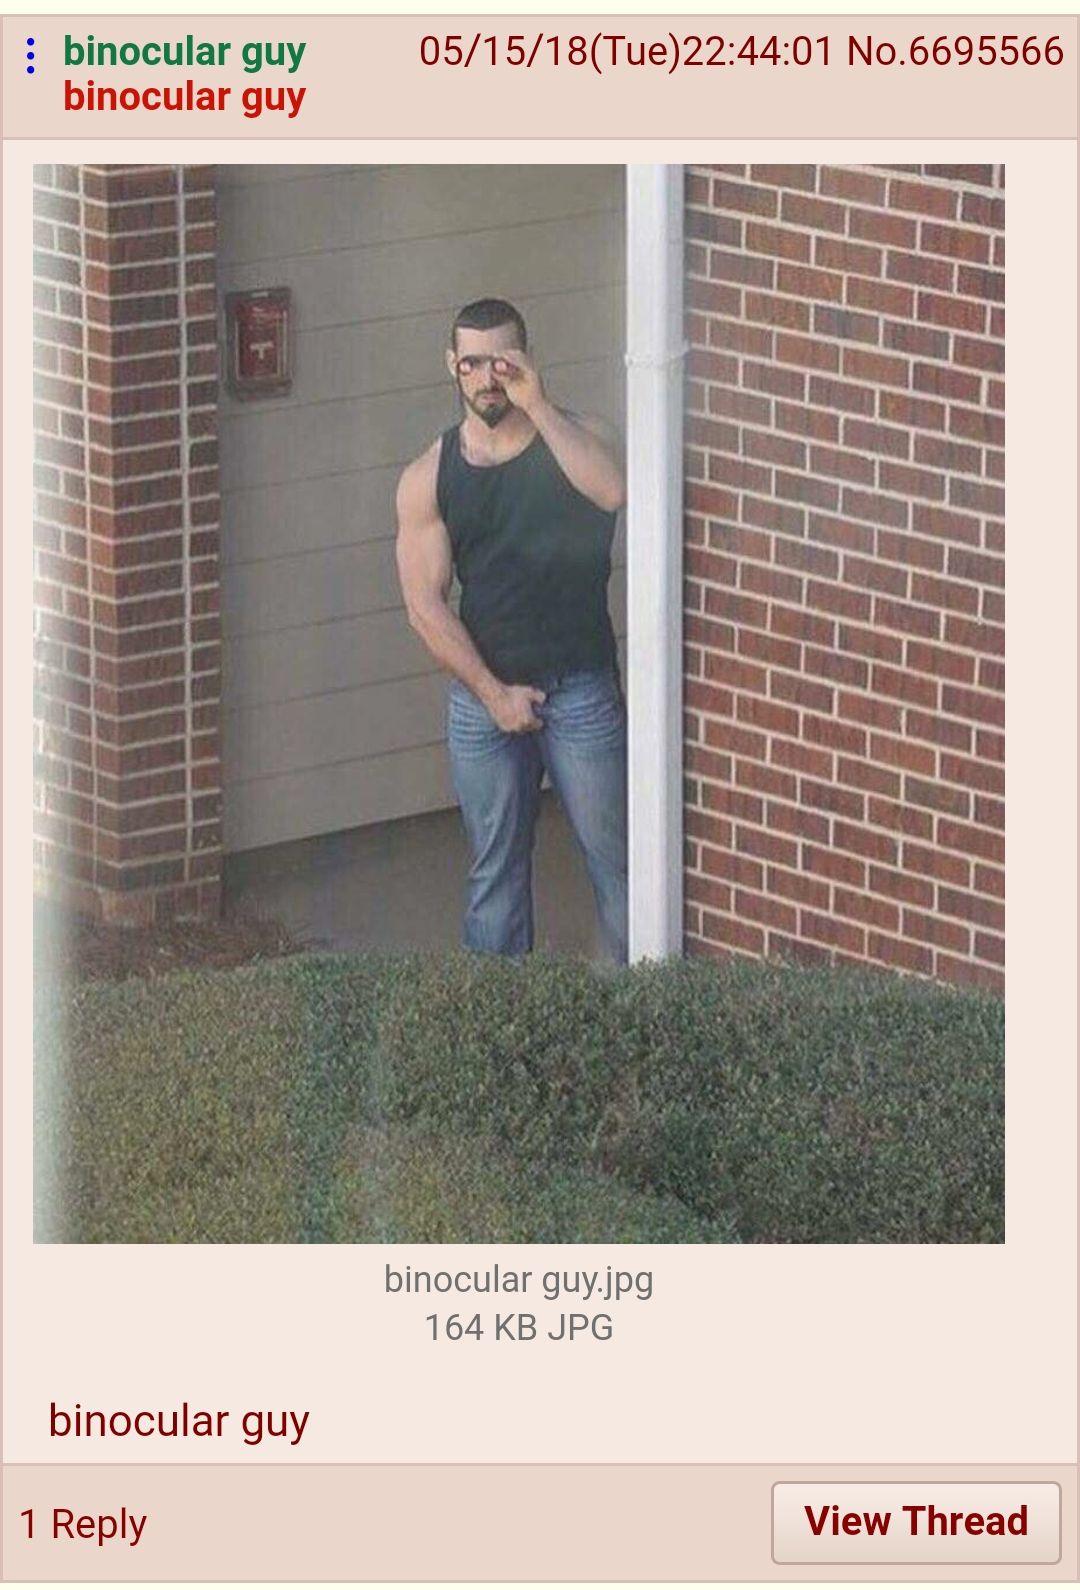 binocular guy